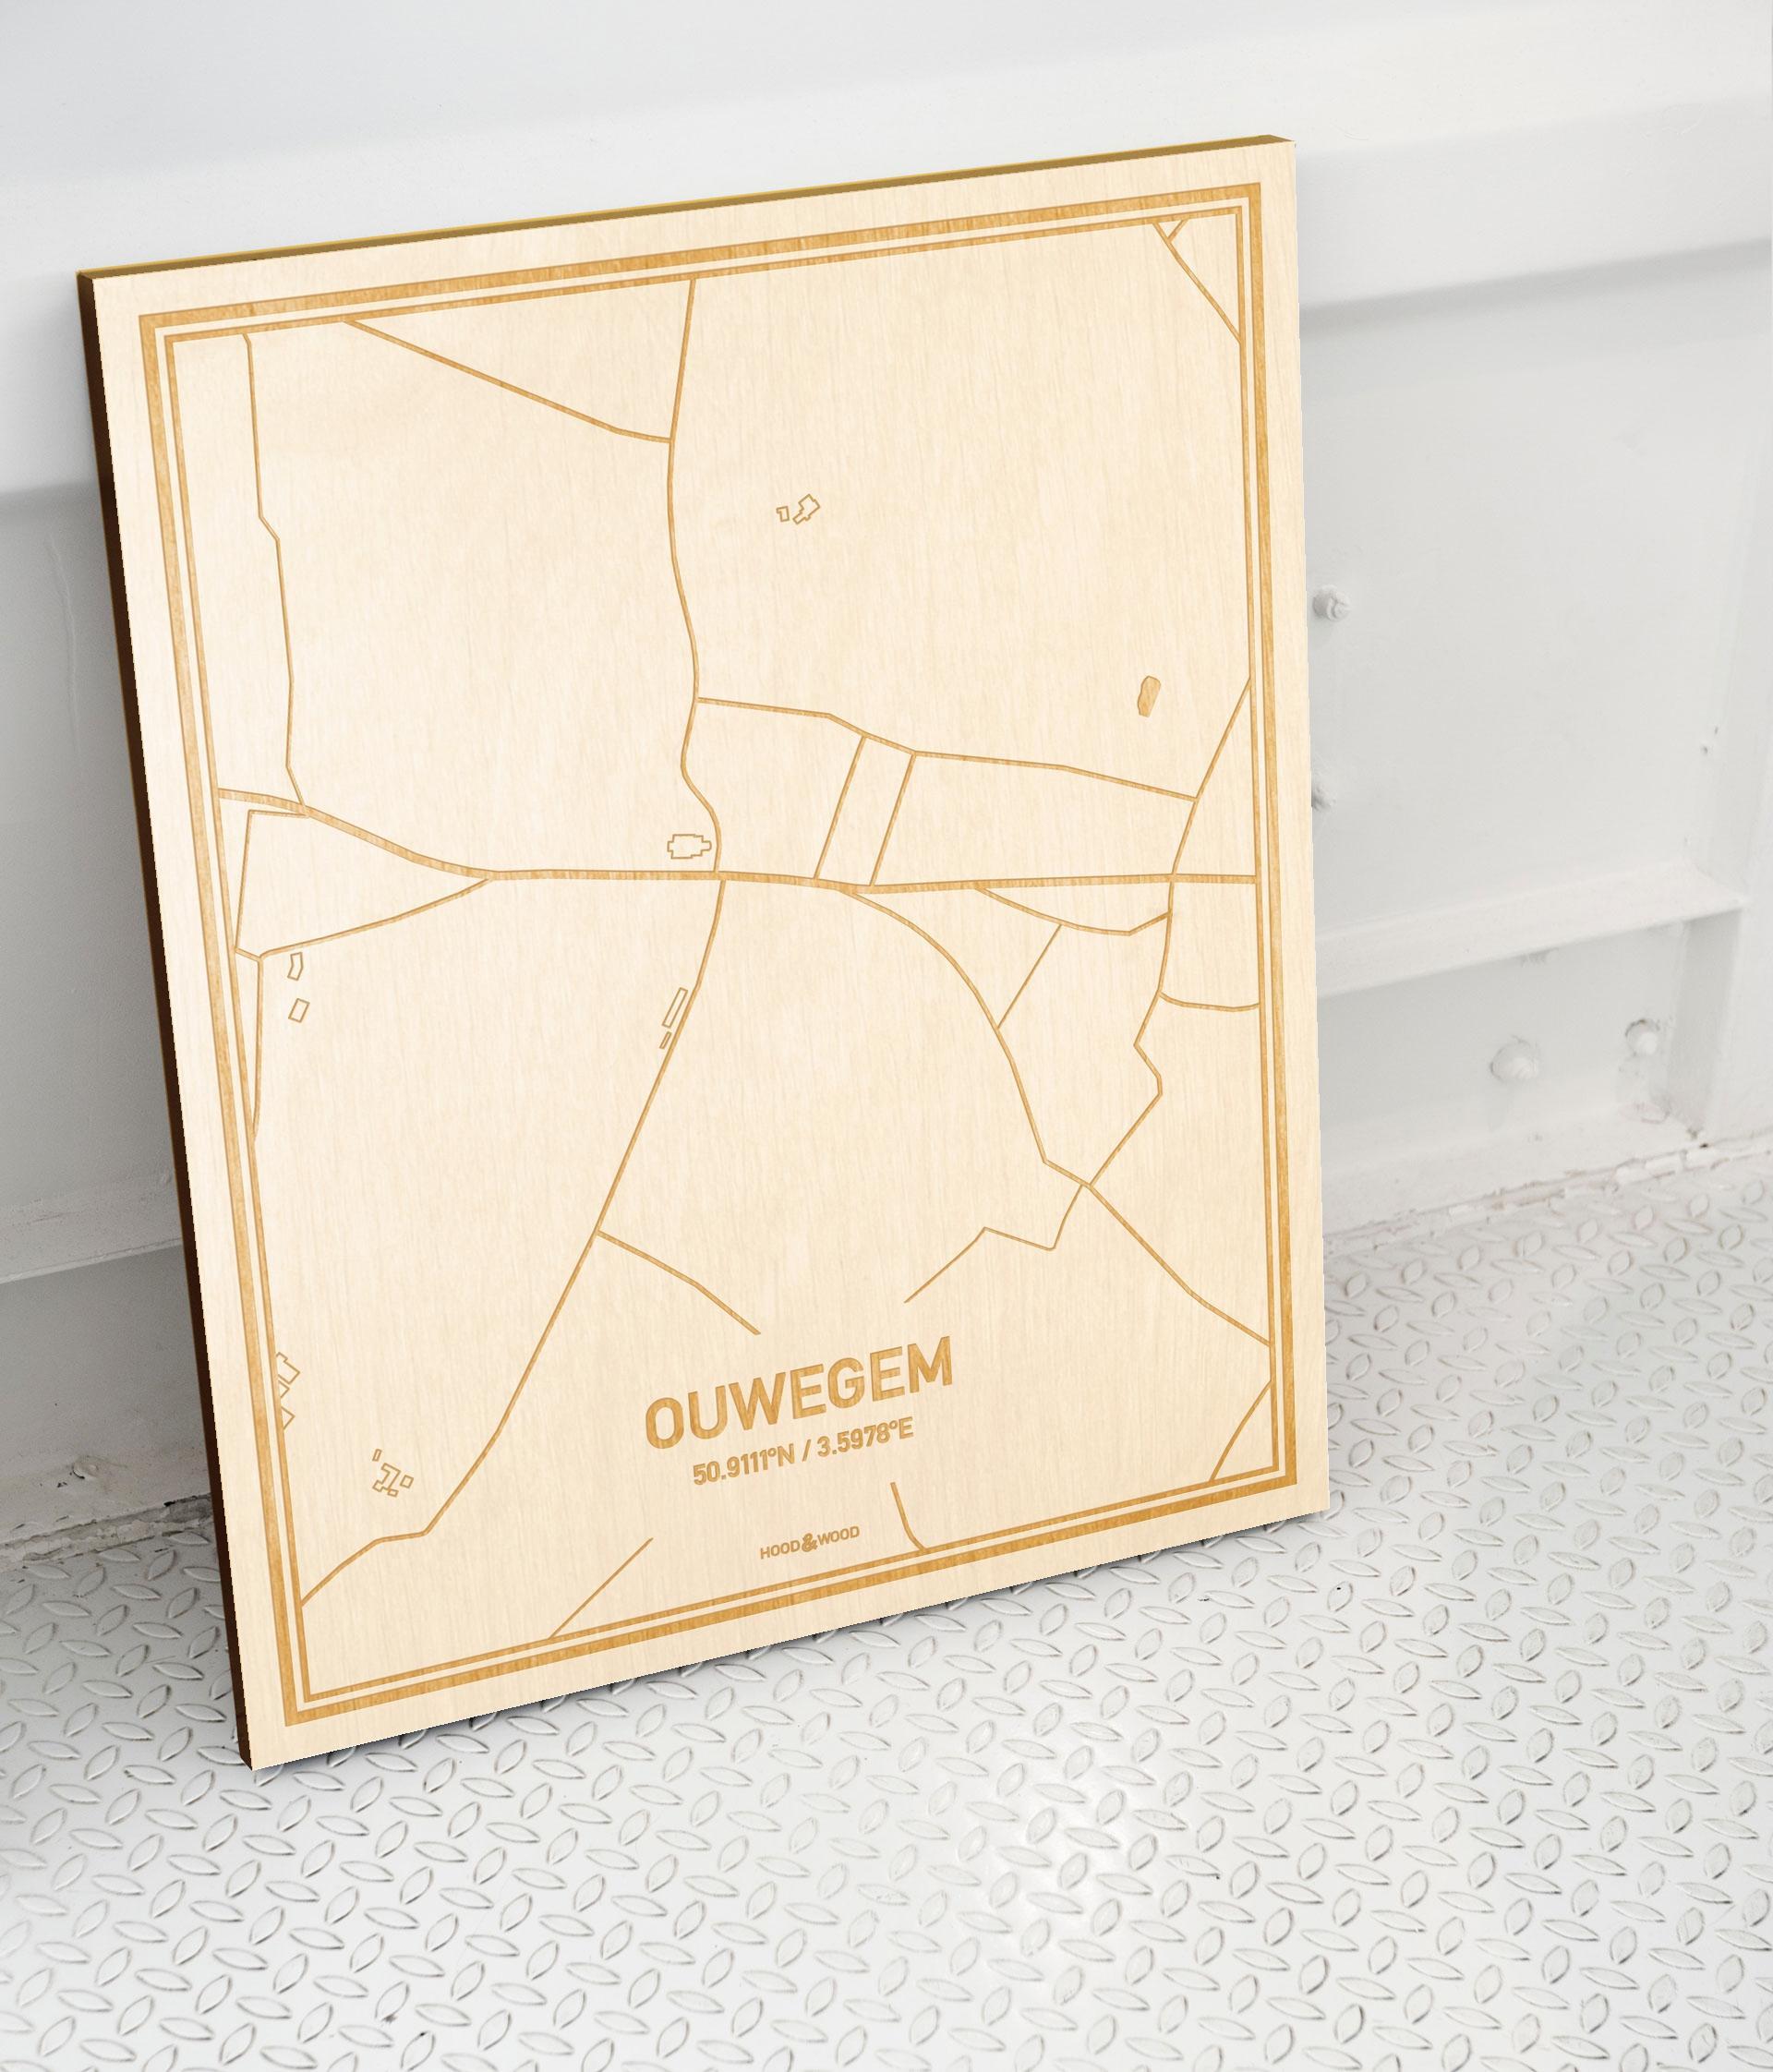 Plattegrond Ouwegem als prachtige houten wanddecoratie. Het warme hout contrasteert mooi met de witte muur.